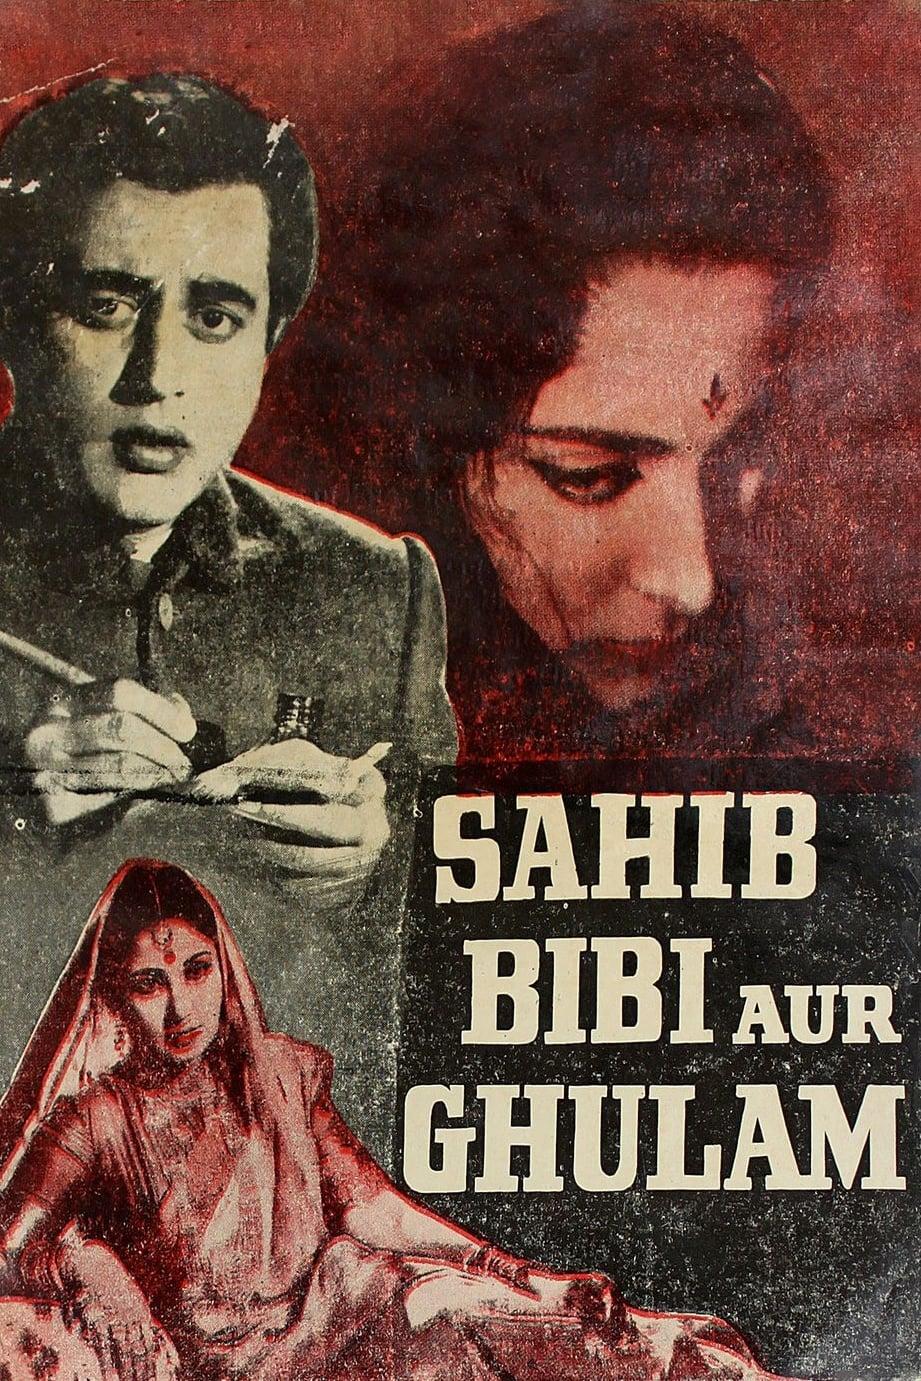 Sahib Bibi Aur Ghulam